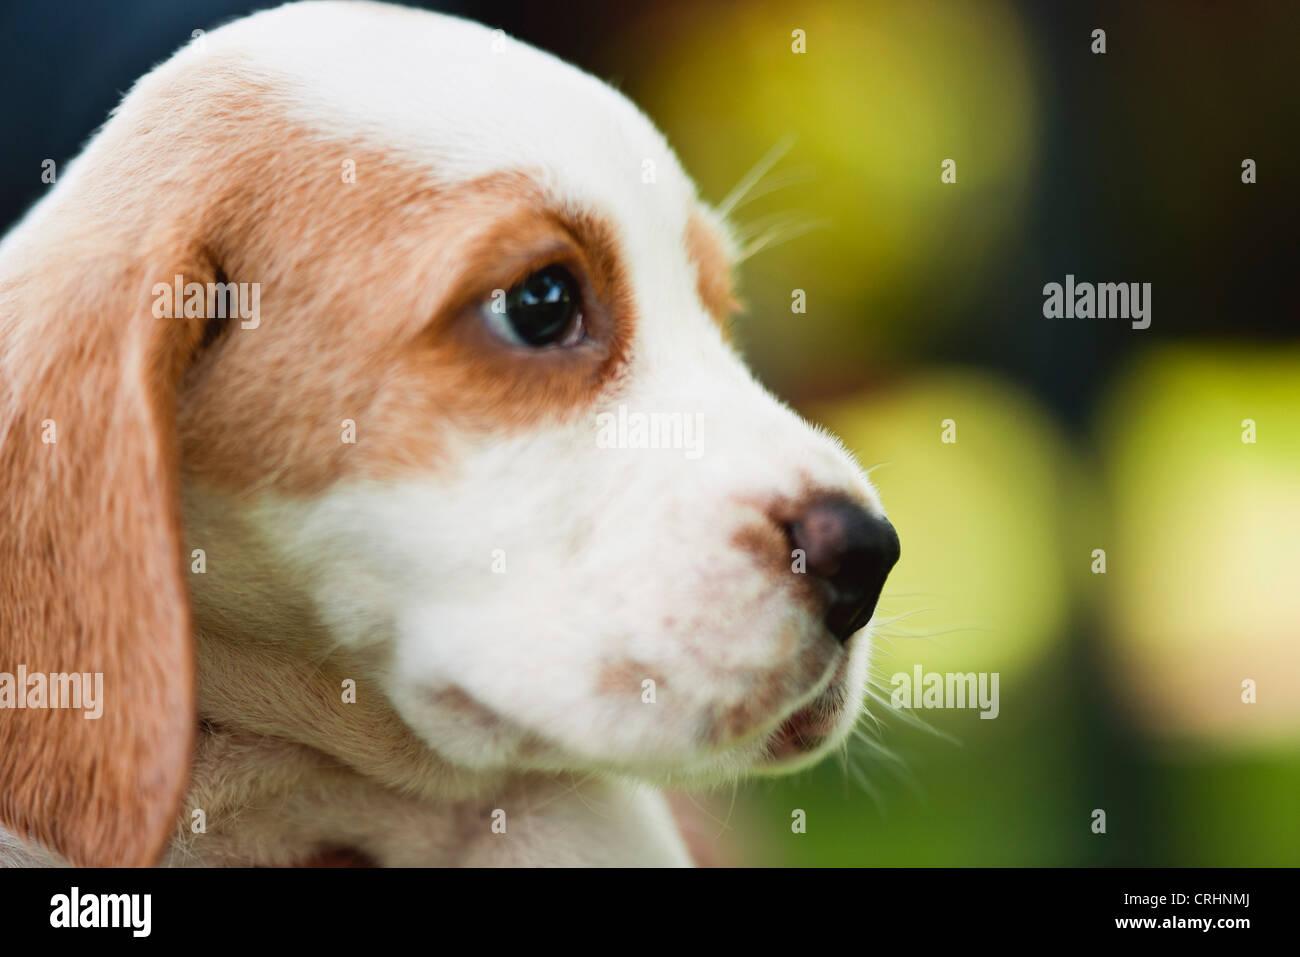 Beagle cucciolo, vista laterale Immagini Stock